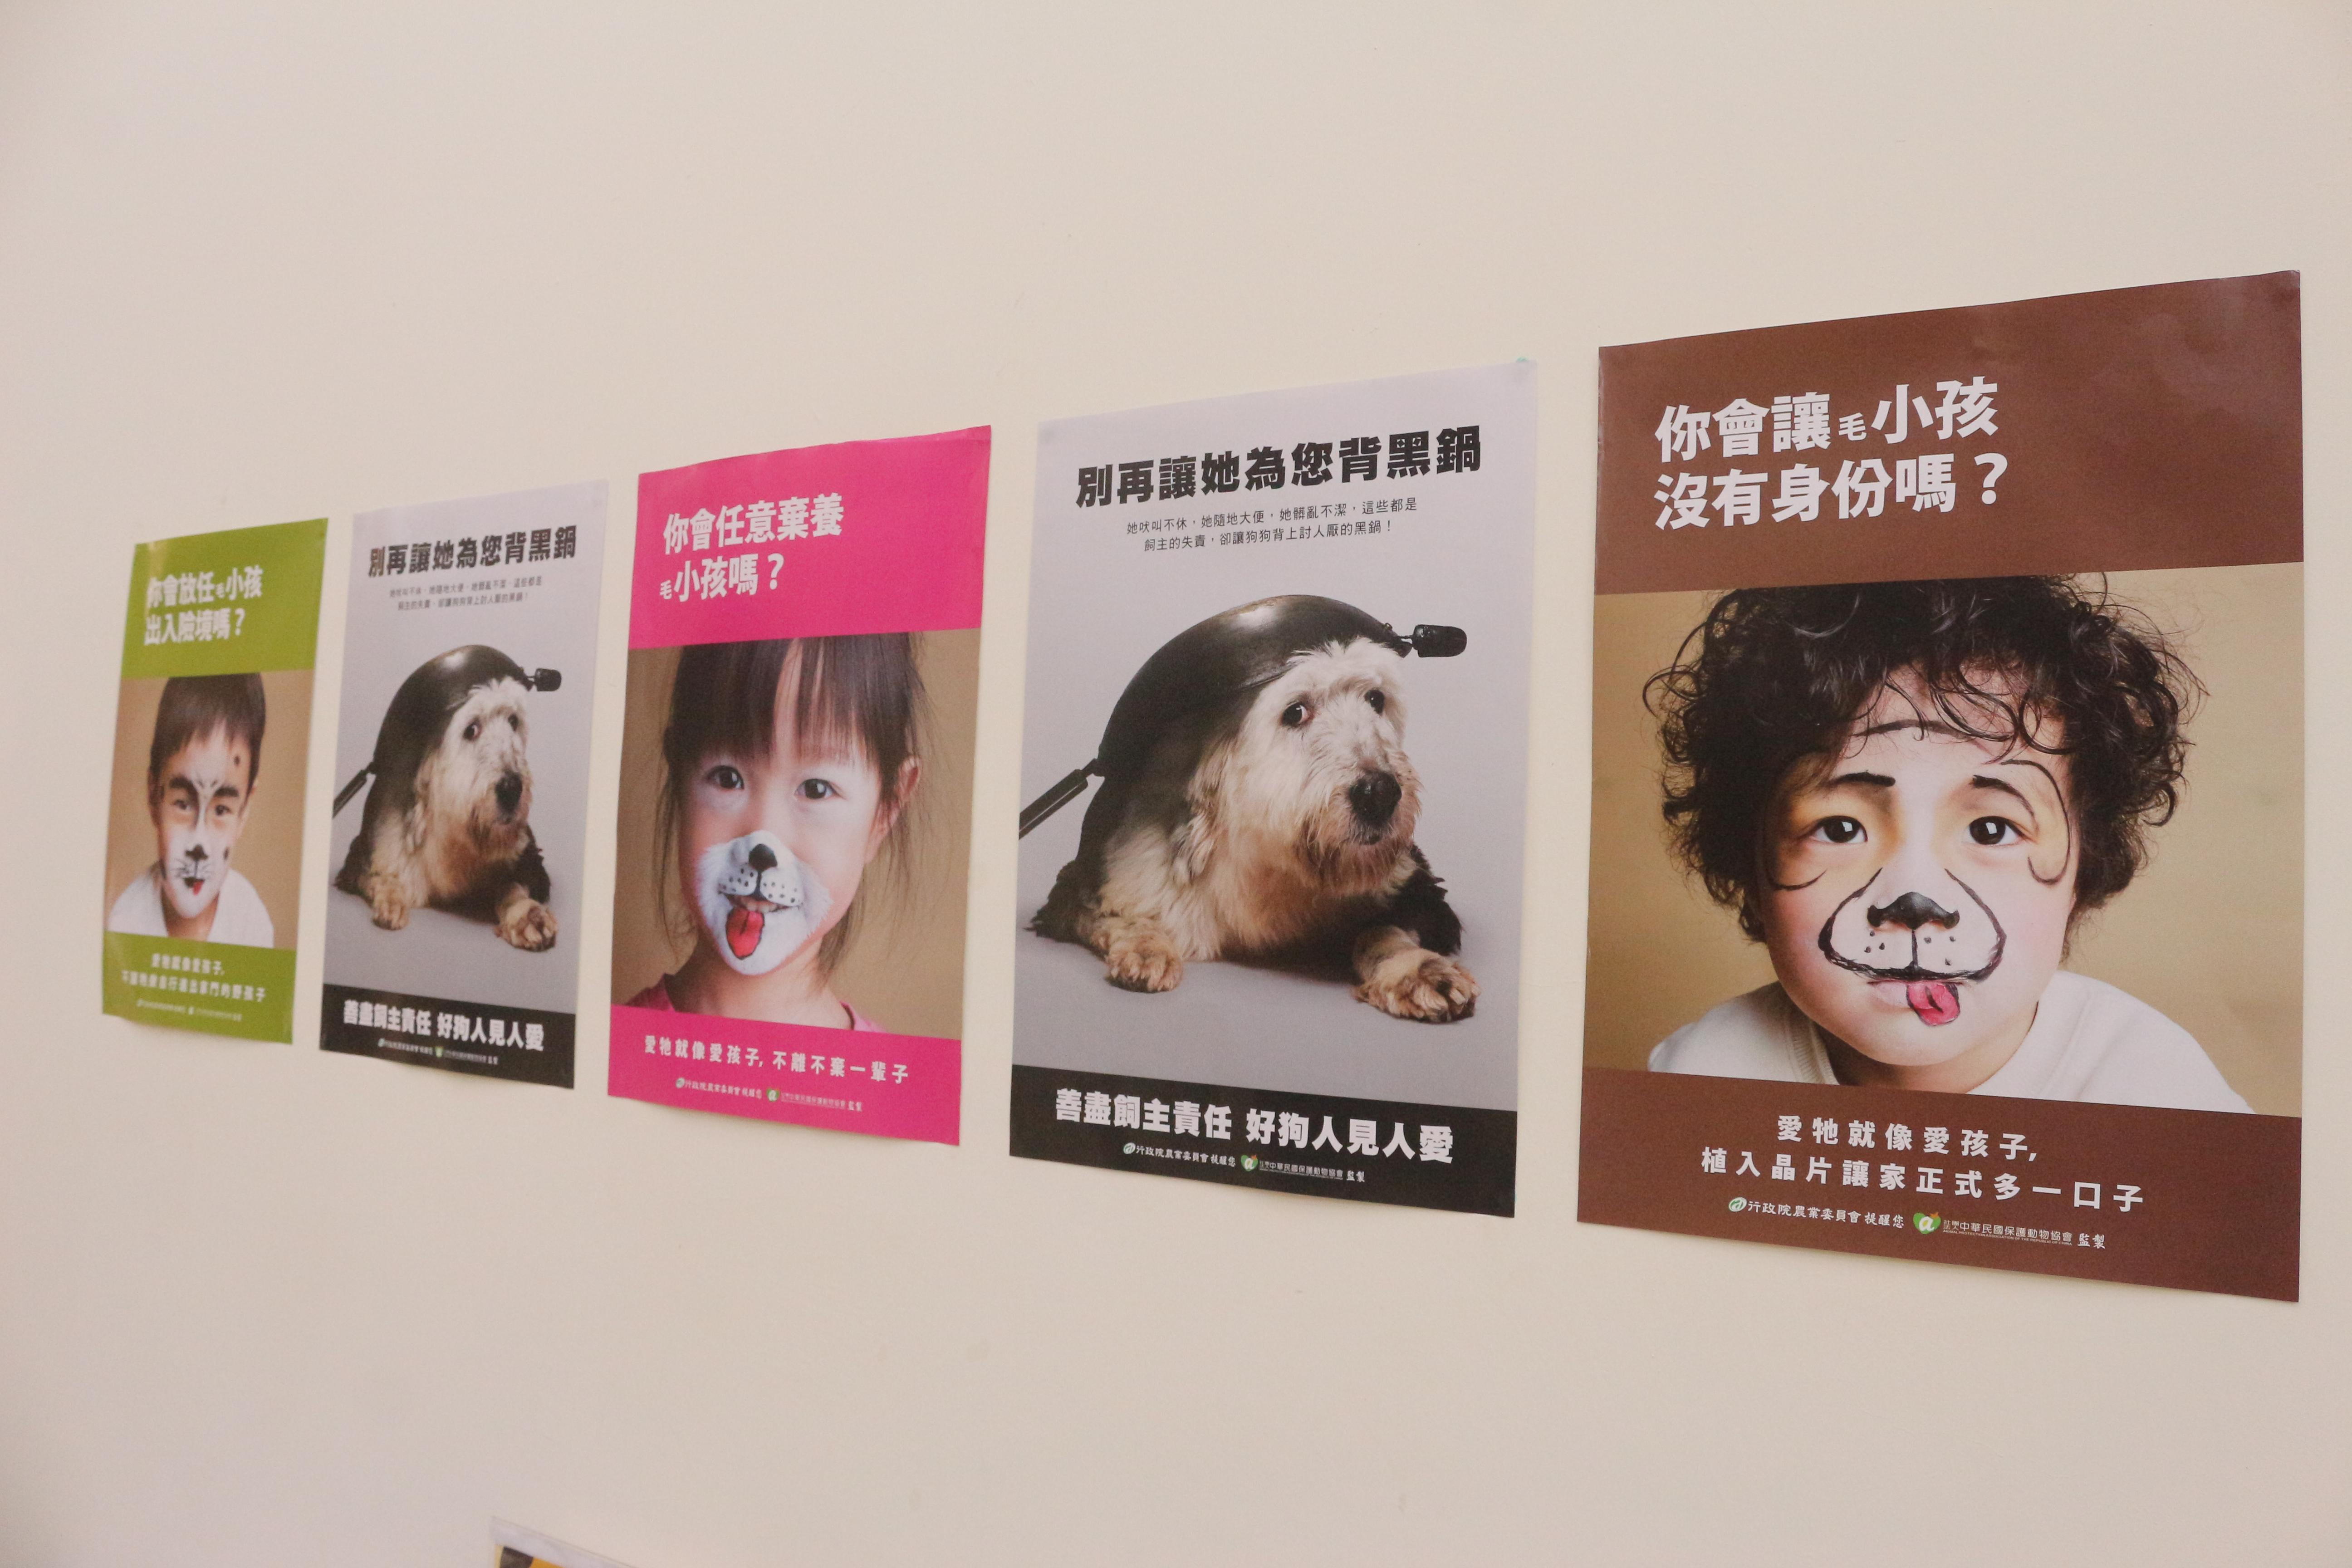 動物保護觀念紮根活動會場張貼的倡導飼主責任的文宣海報。 攝影/吳冠輝